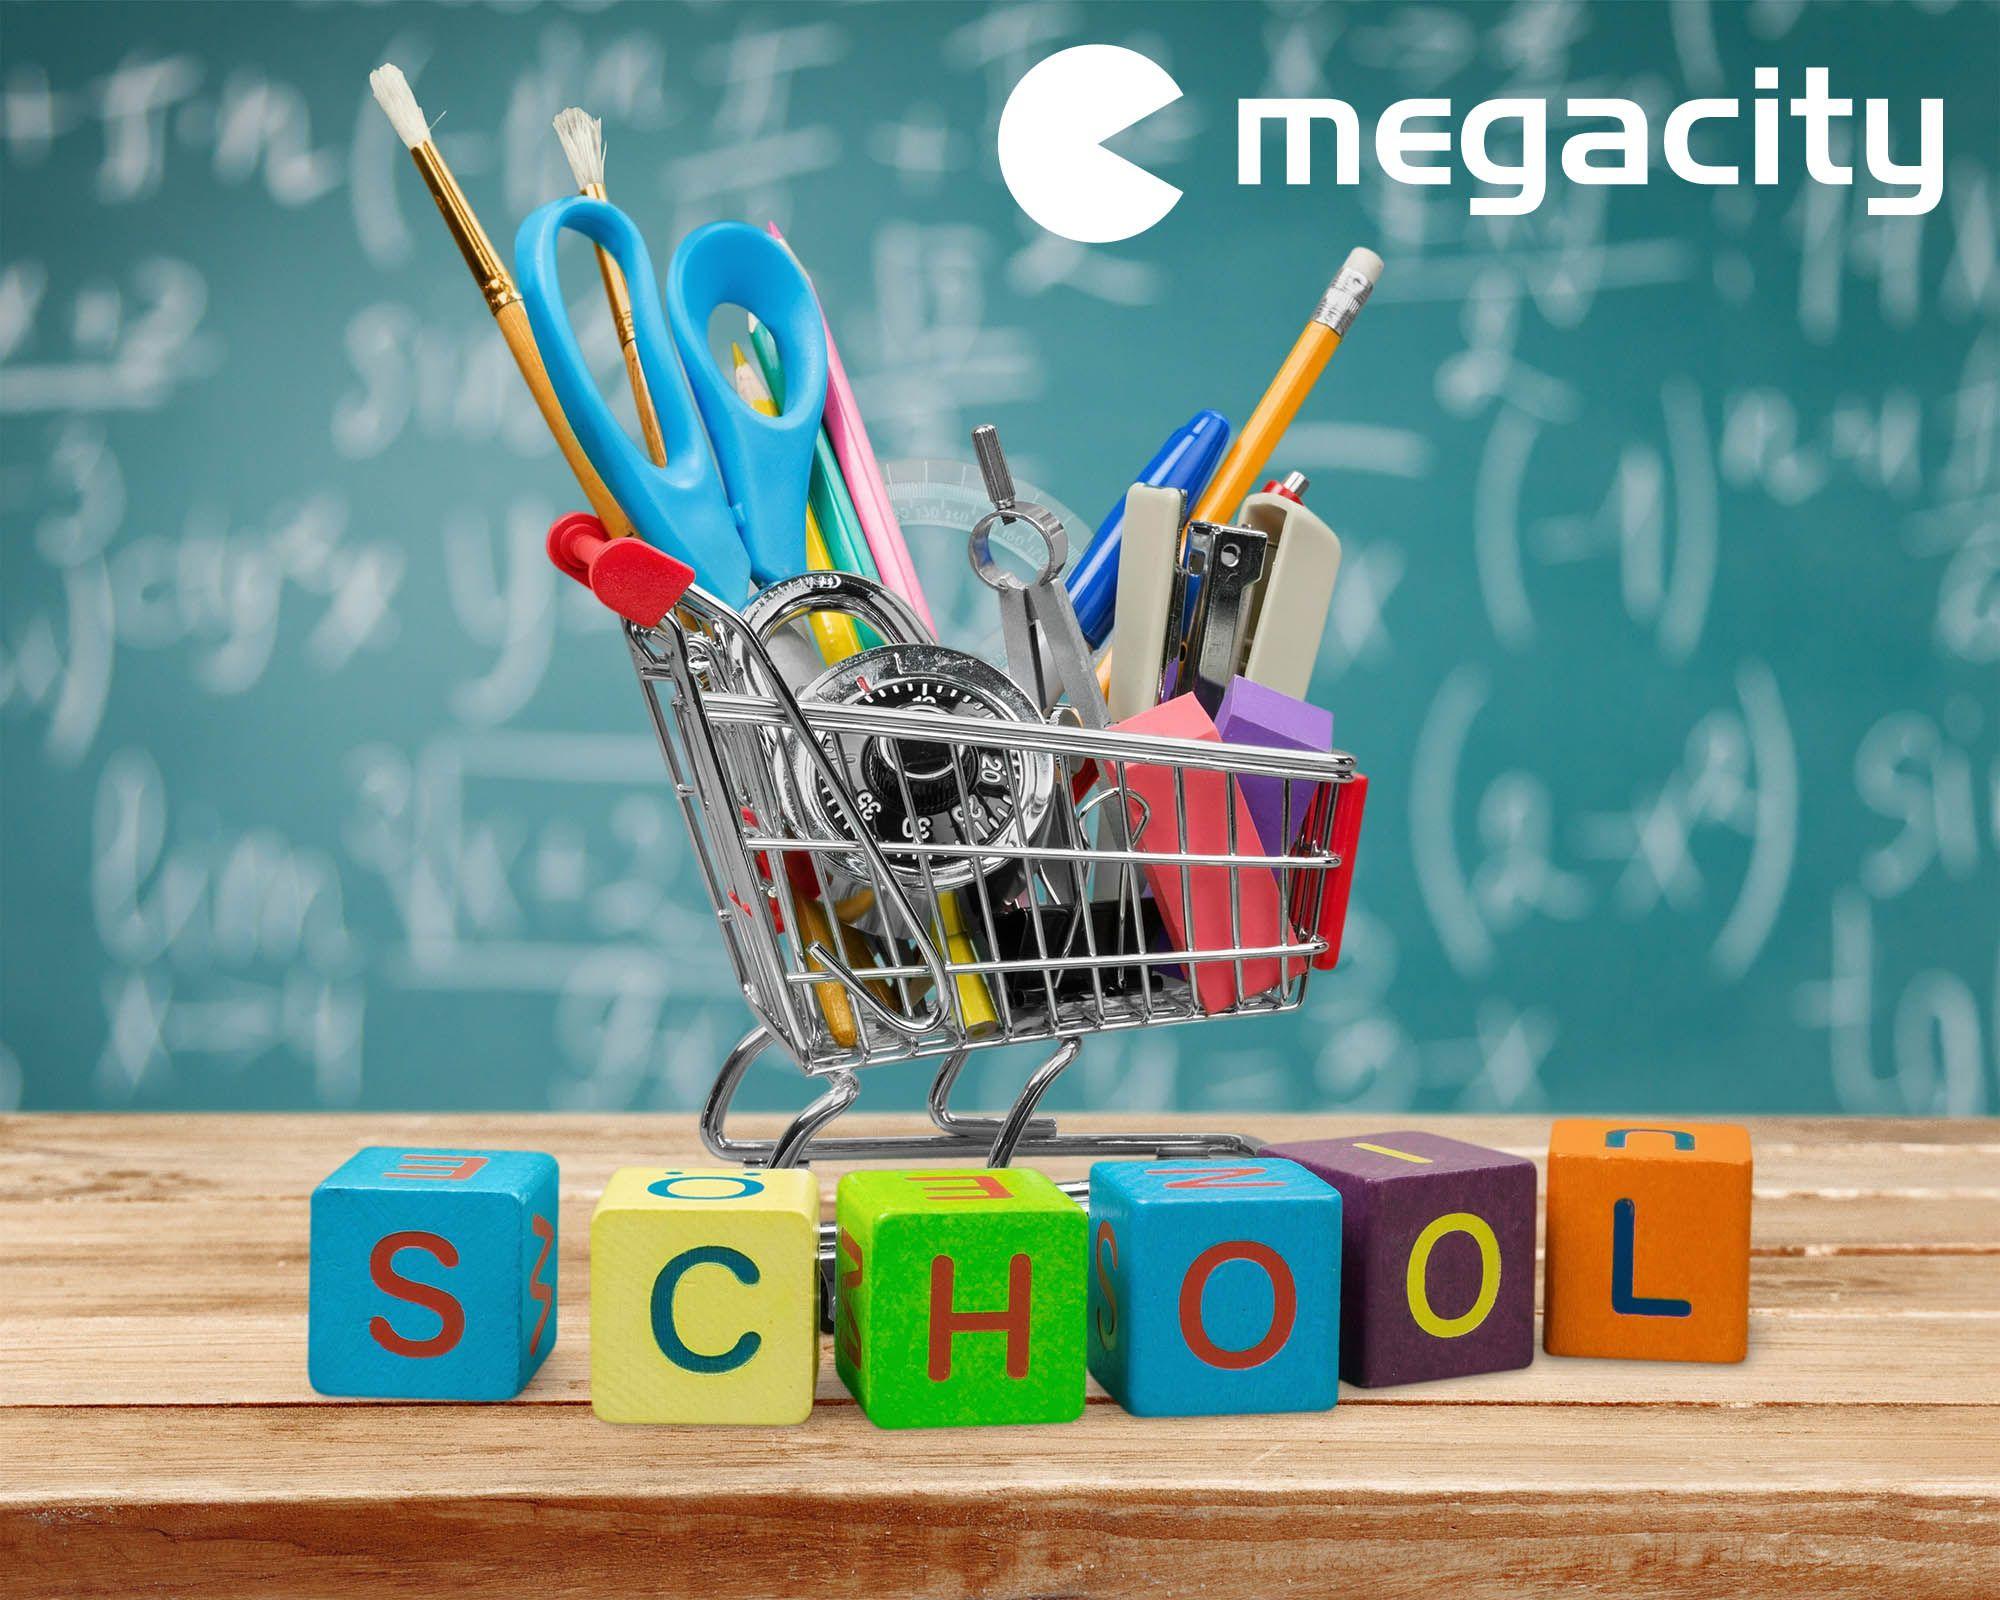 alt - https://static.comunicae.com/photos/notas/1217031/1596725037_material_escolar_online_megacity.jpg